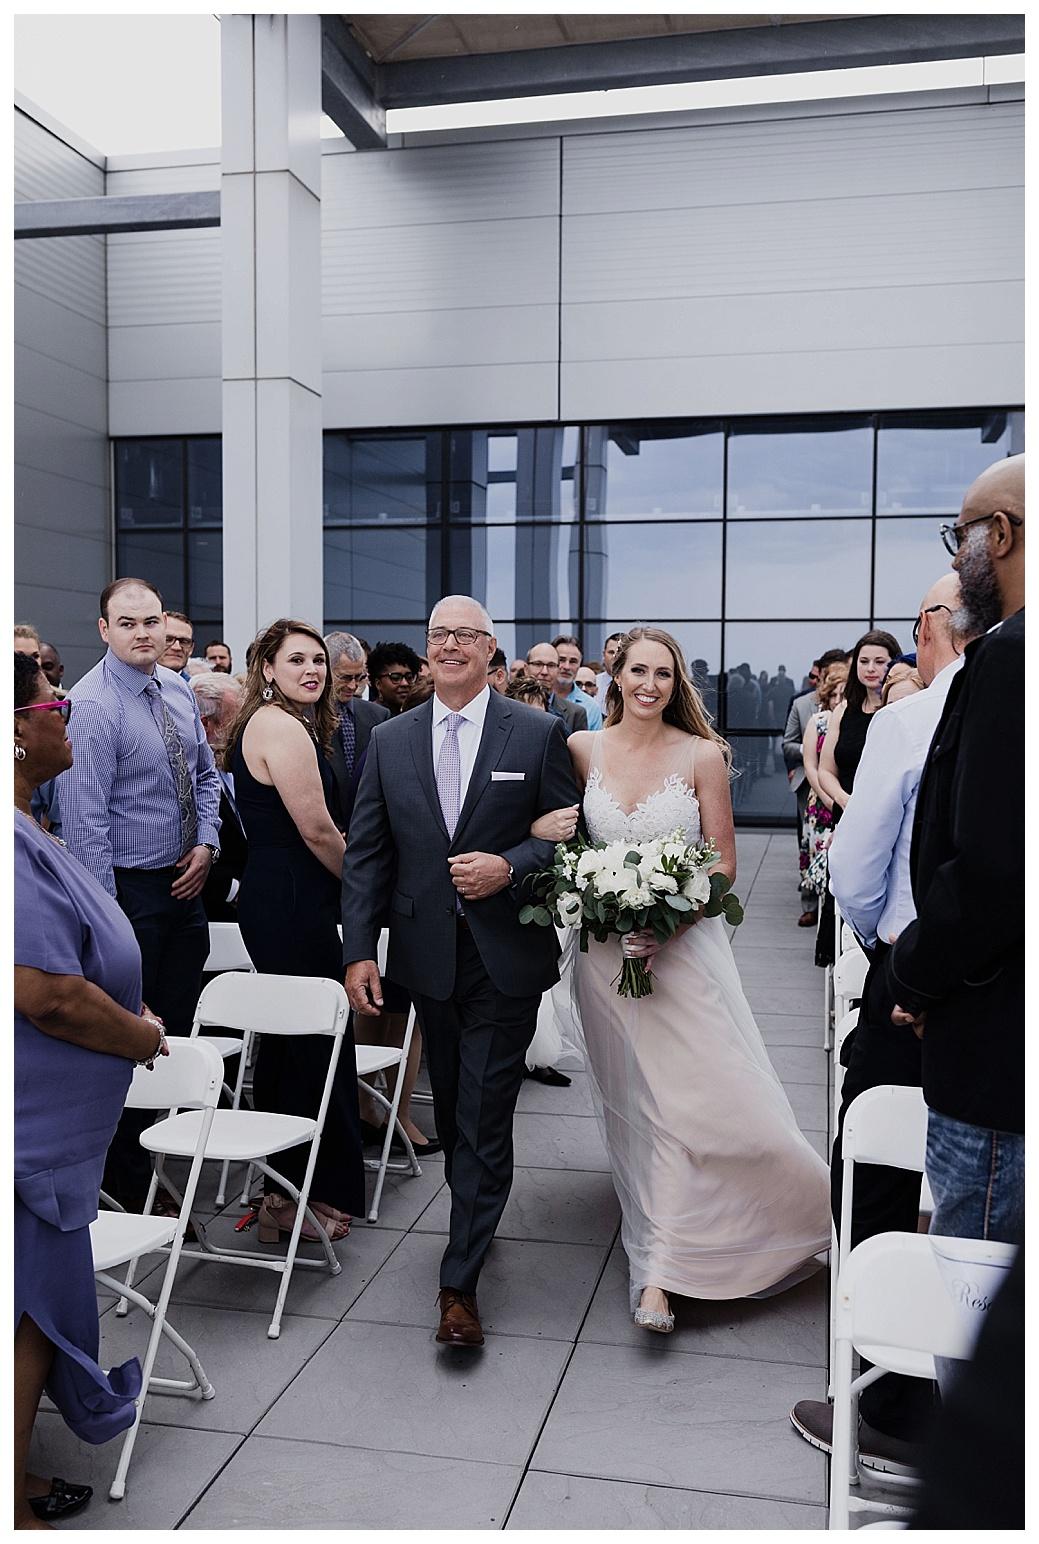 Aloft-Cleveland-Wedding_MJPHOTO_0067.jpg